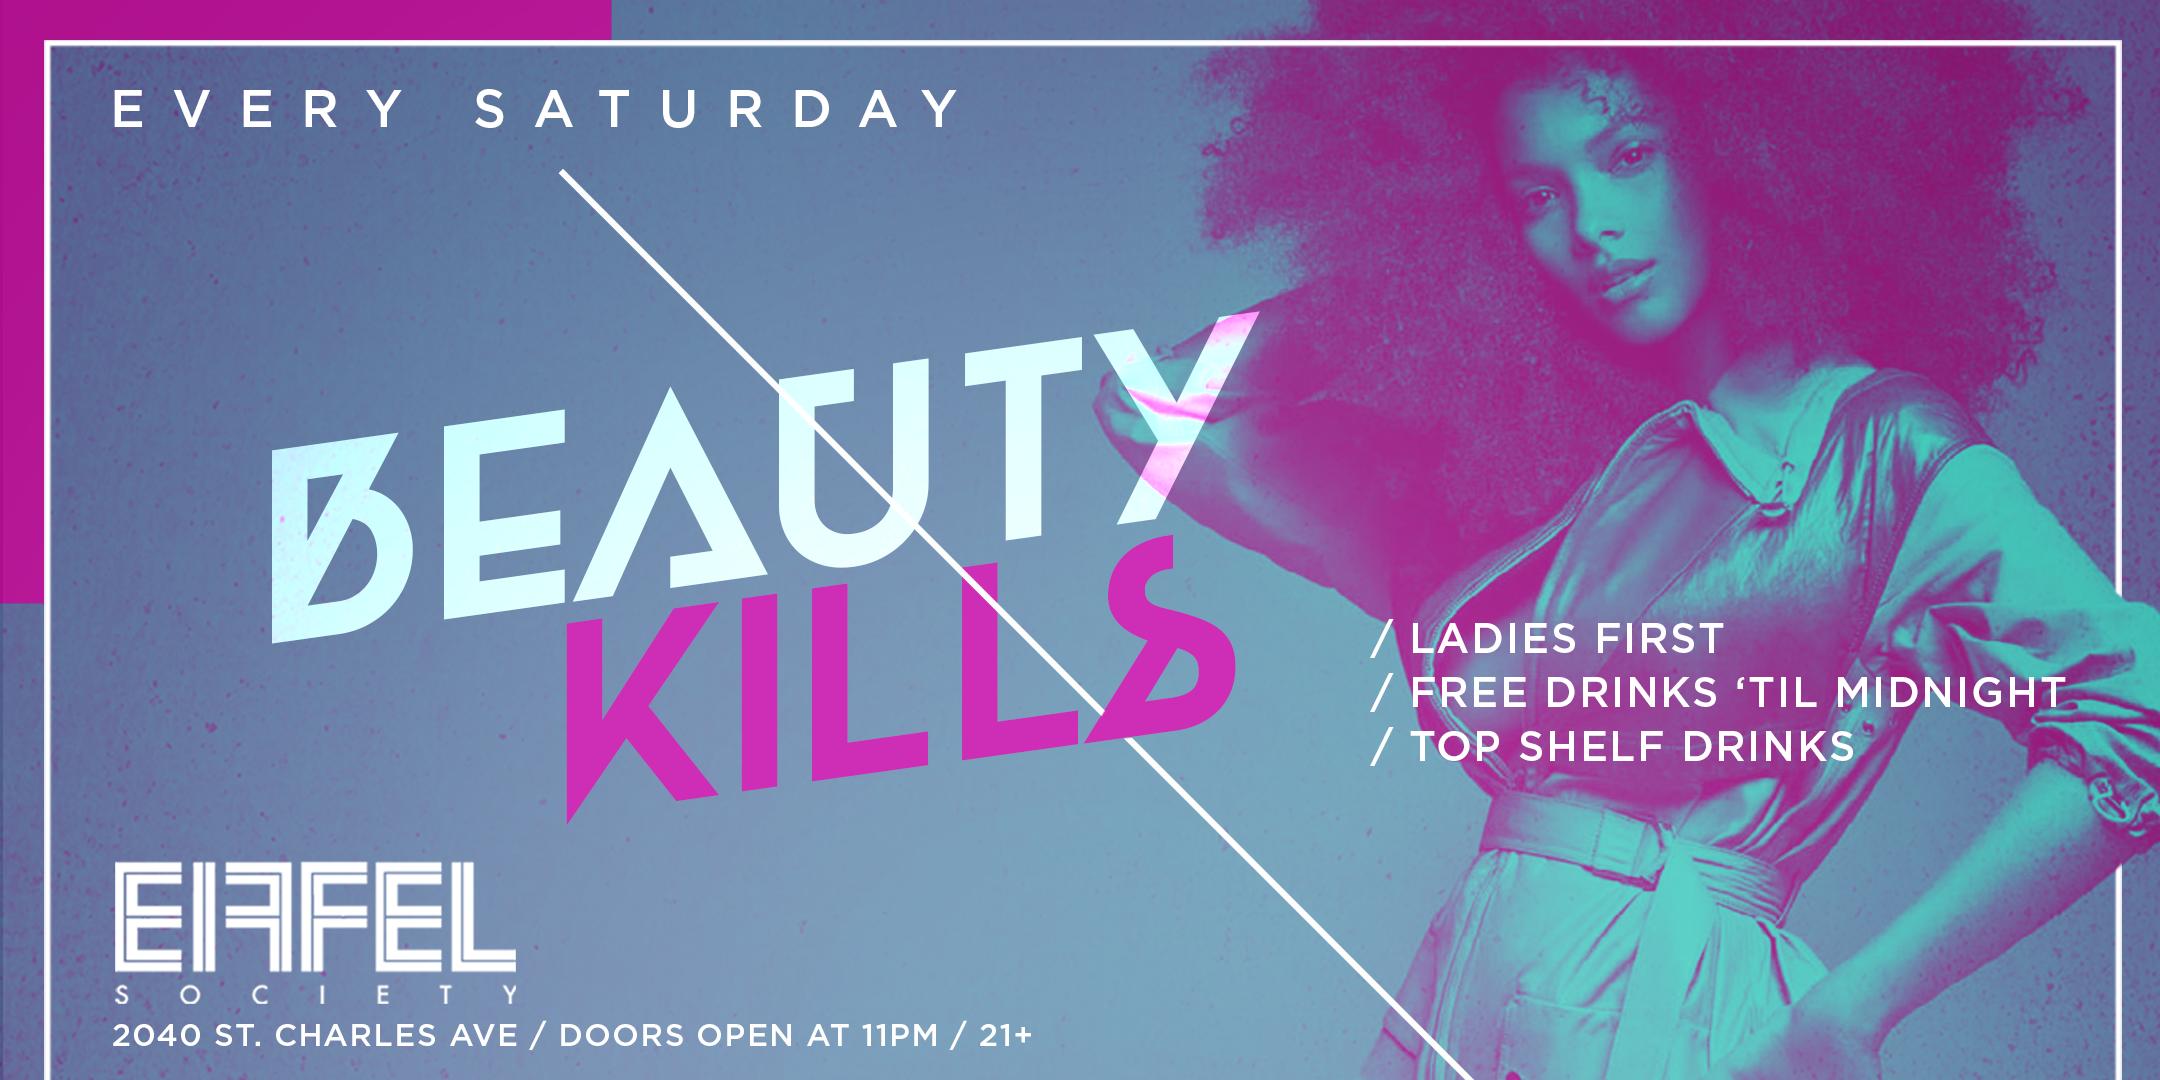 BEAUTY KILLS: Saturday Night at EIFFEL SOCIET